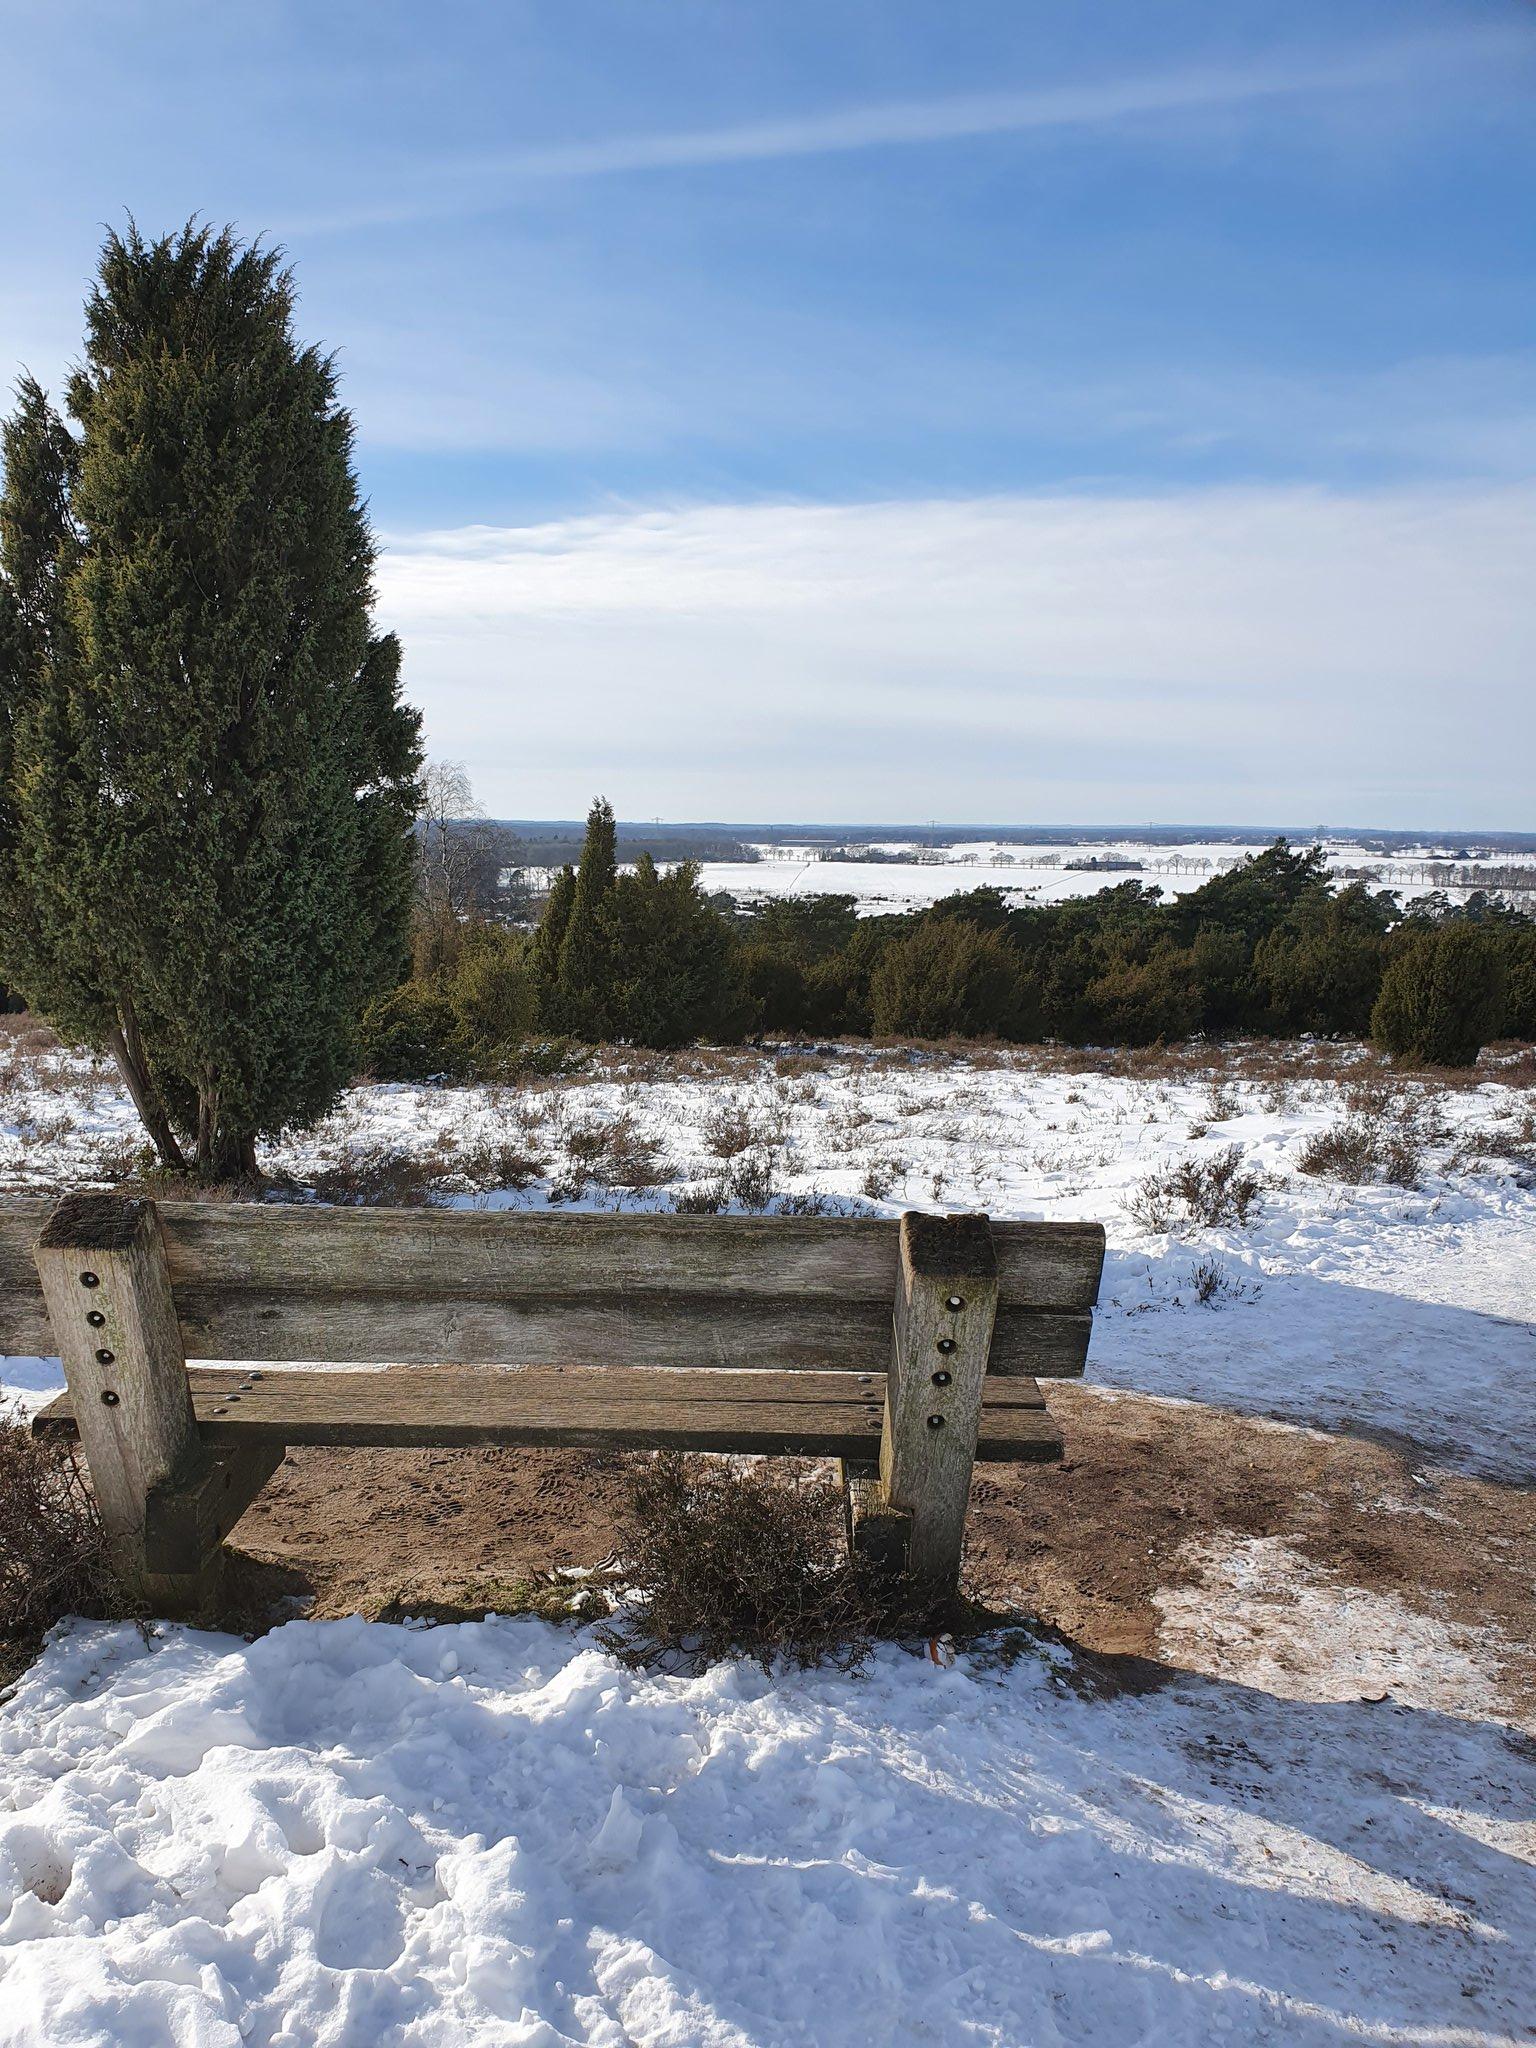 rt-simmajalis-lemele-sneeuwpret-wandelbankjes-zo-mooi-in-de-sneeuw-wandelen-oostenrijk-zwitserland-gevoel-https-t-co-ueqylot1if